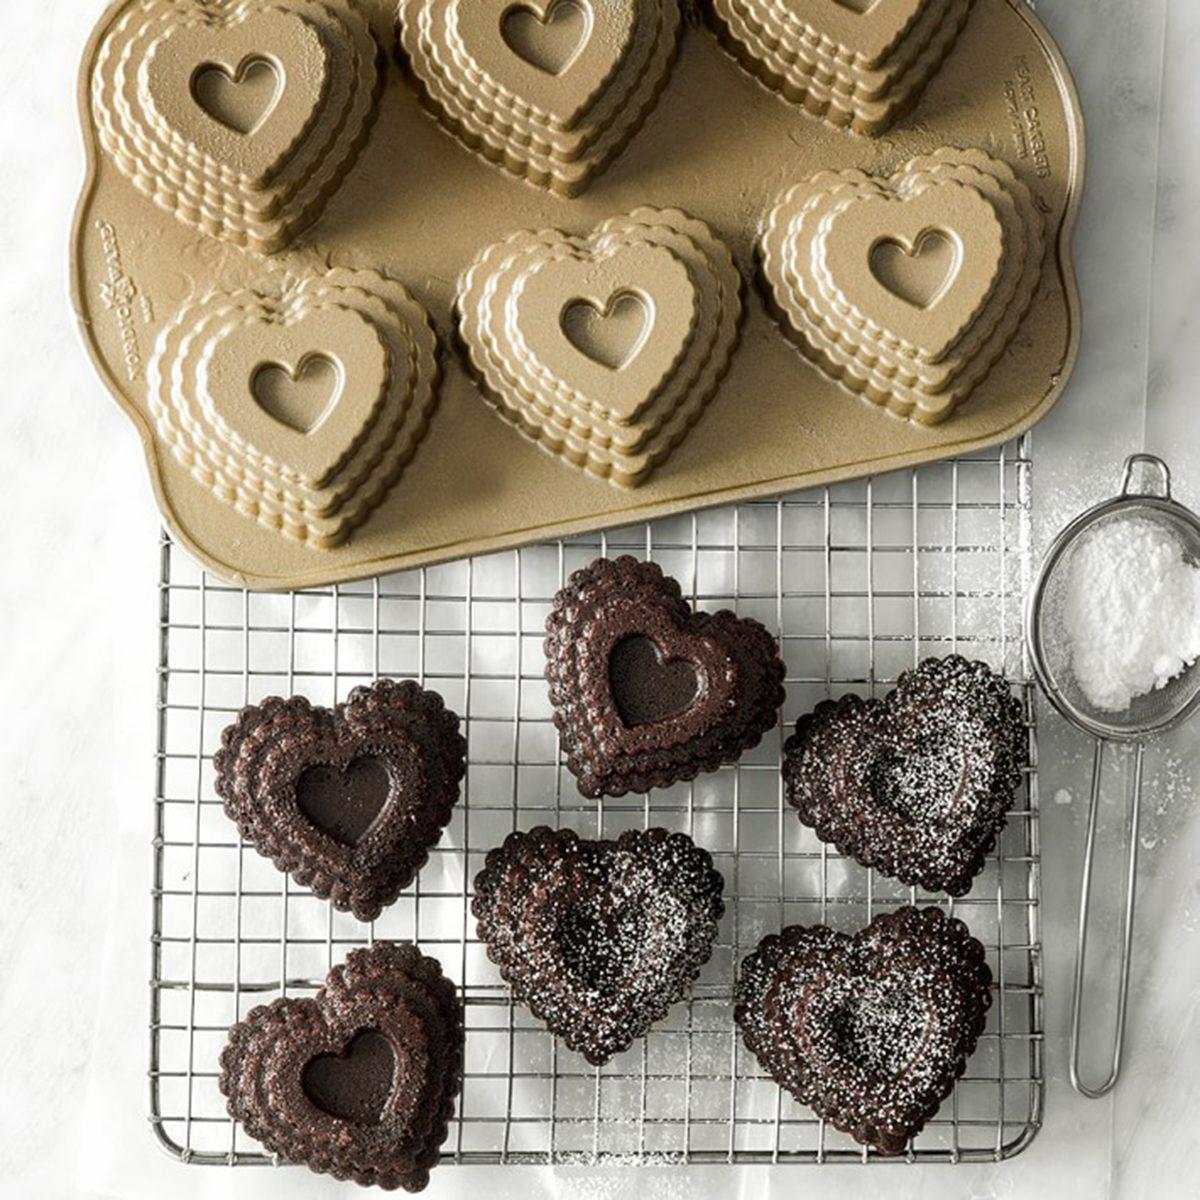 Nordic Ware Valentine Heart Cakelet Pan